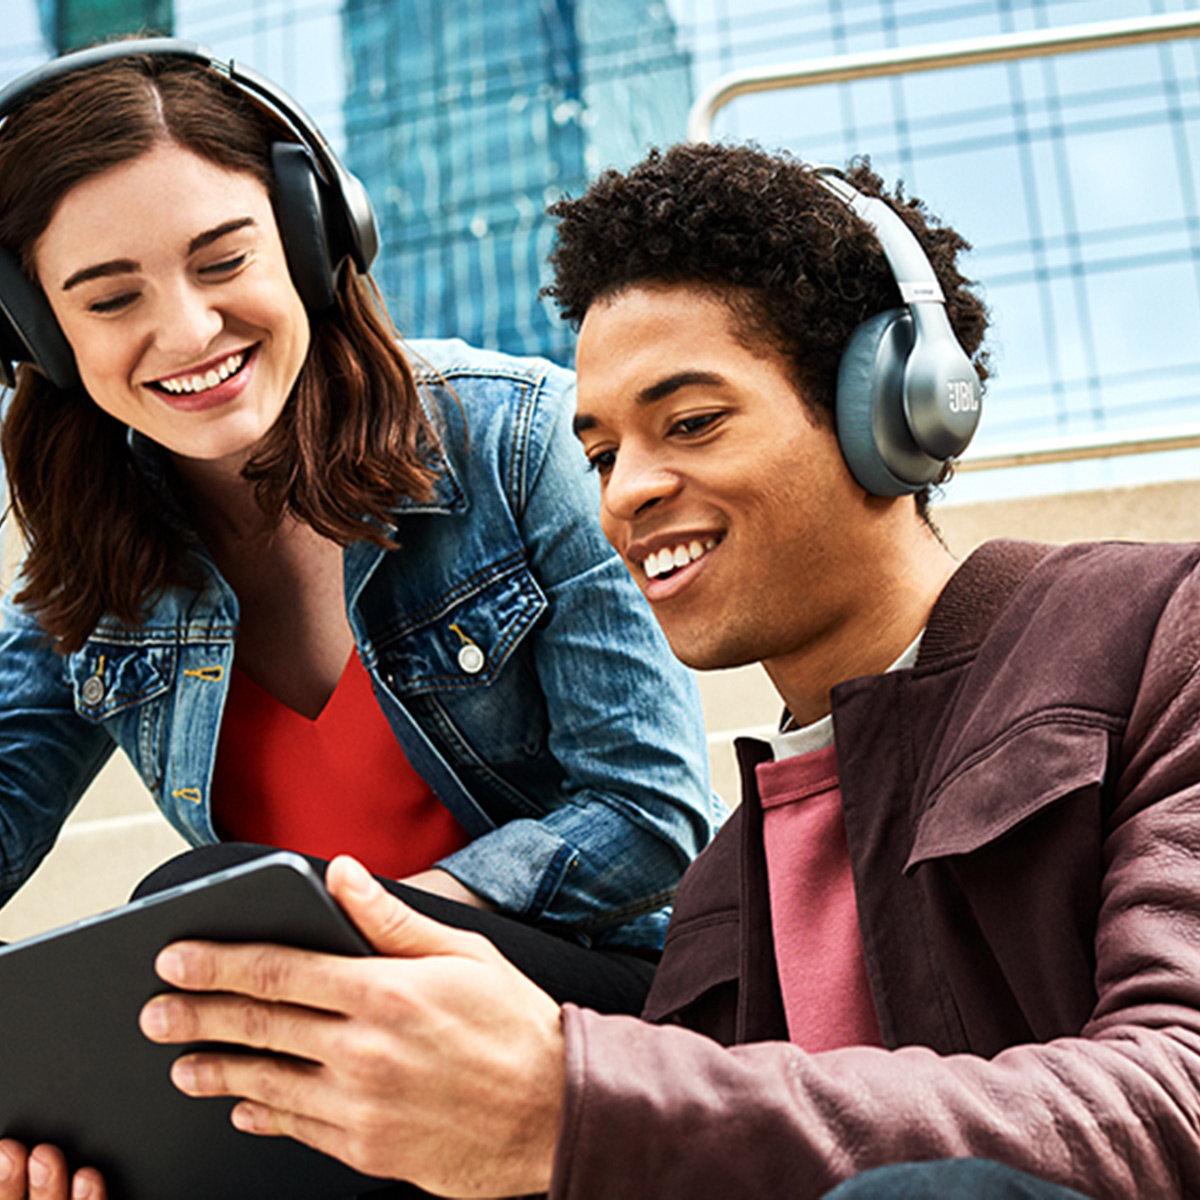 Tai nghe Bluetooth JBL Everest 710BT kiểu dáng đơn giản nhưng âm thanh sống động, chất lượng vô cùng